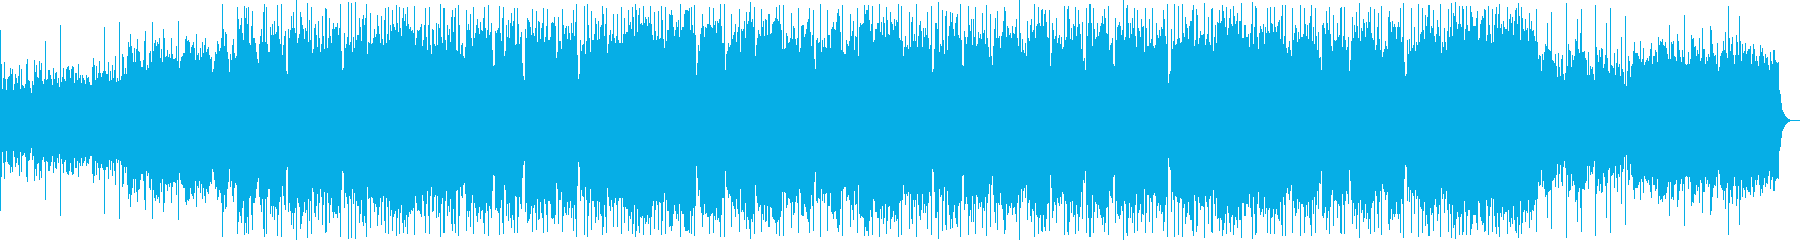 和風のシンセサイザーサウンドの再生済みの波形